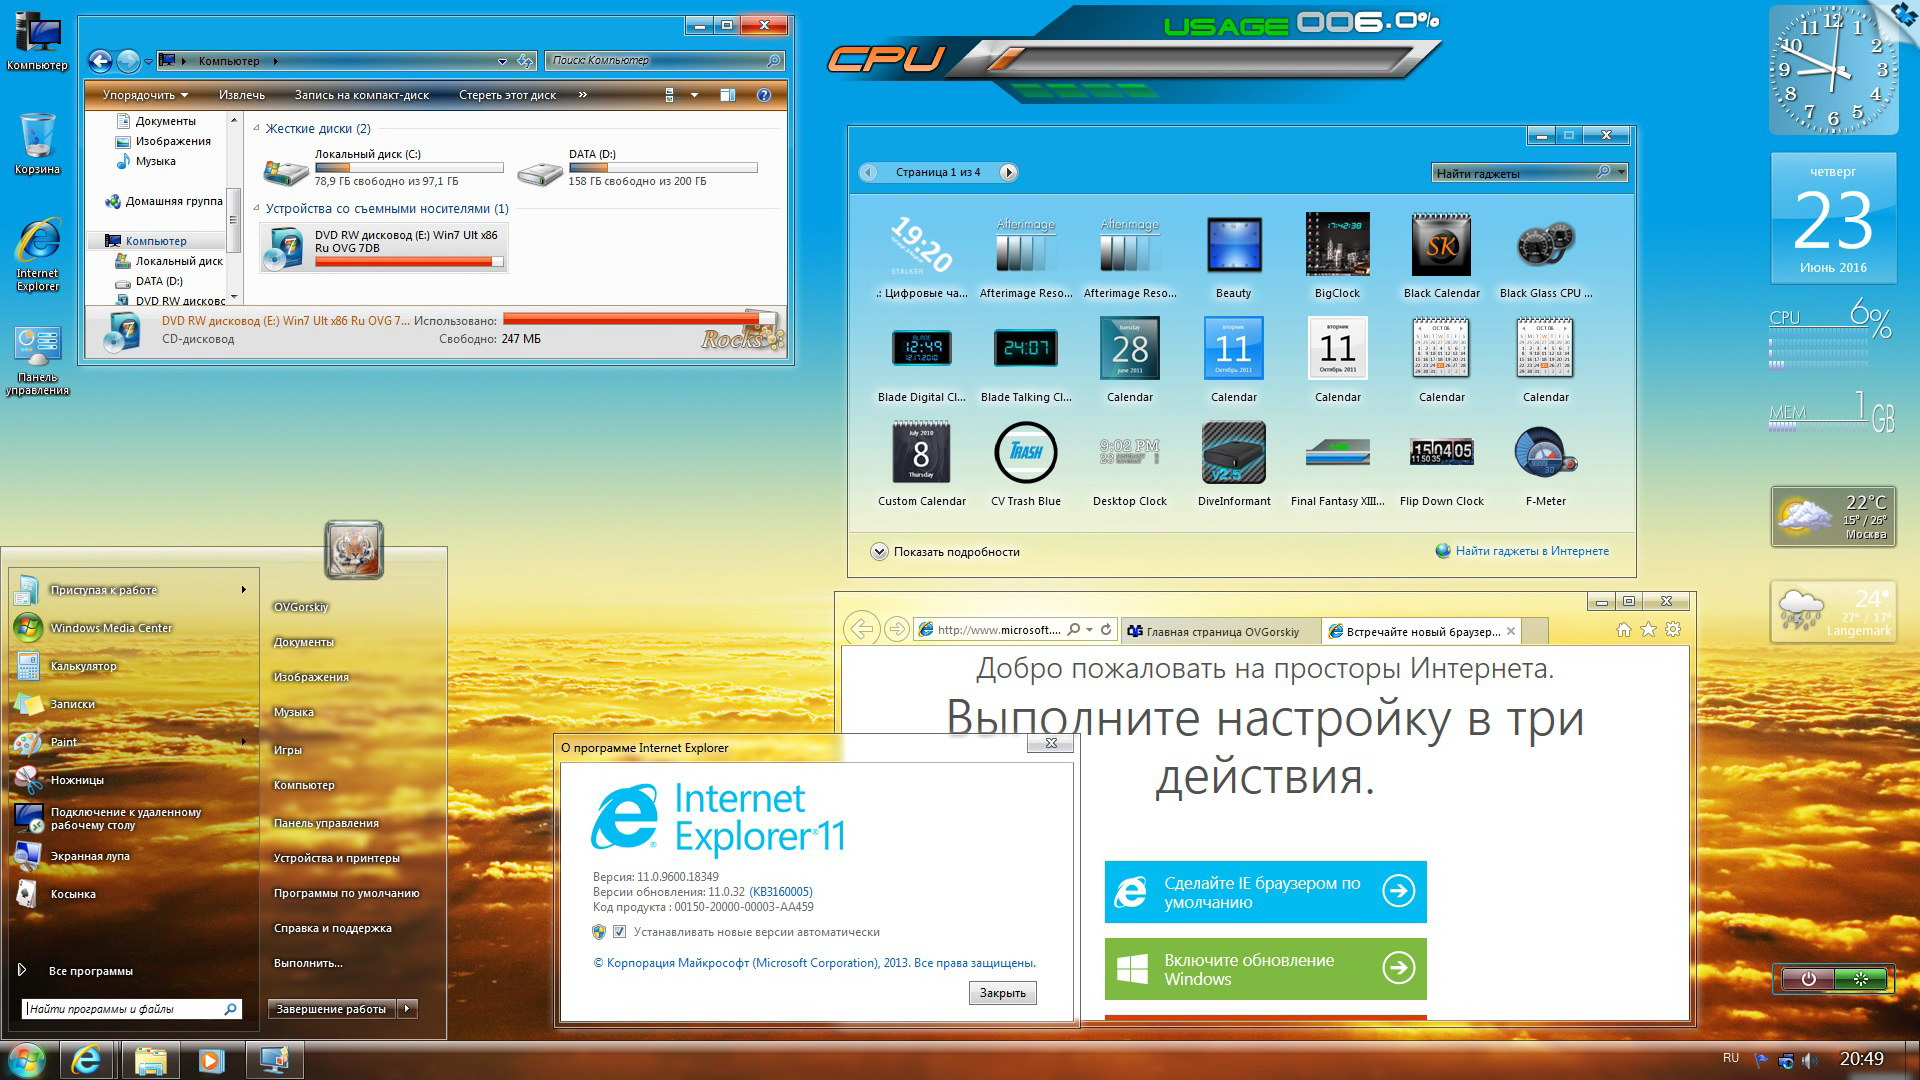 Windows 7 Ultimate Sp1 X86 x64 16in1 Pre Activated En Us esd